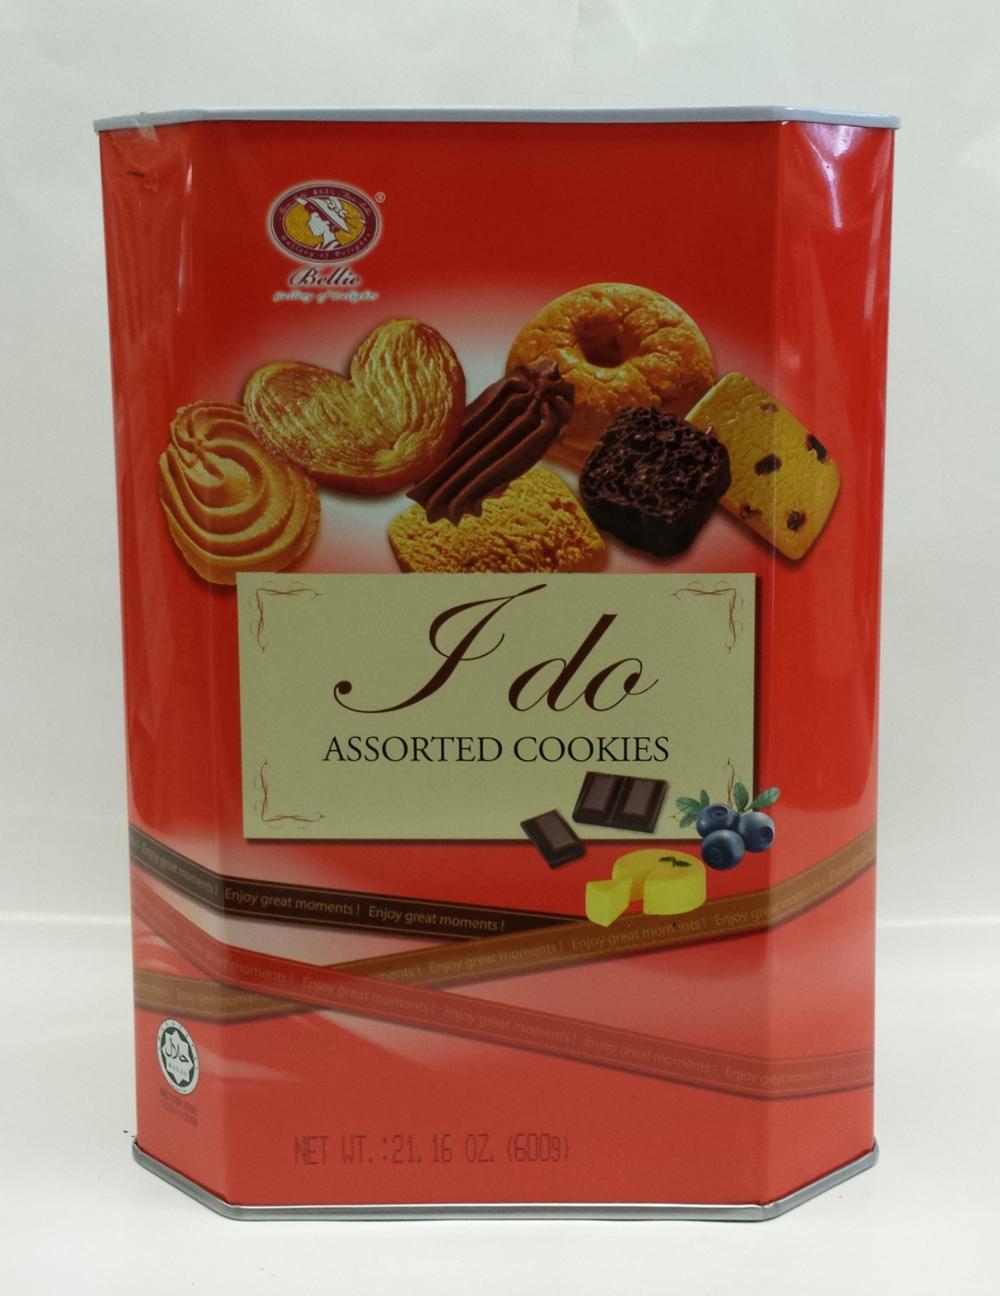 Ido Assorted Cookies   Bello   CK11110 6x600 g